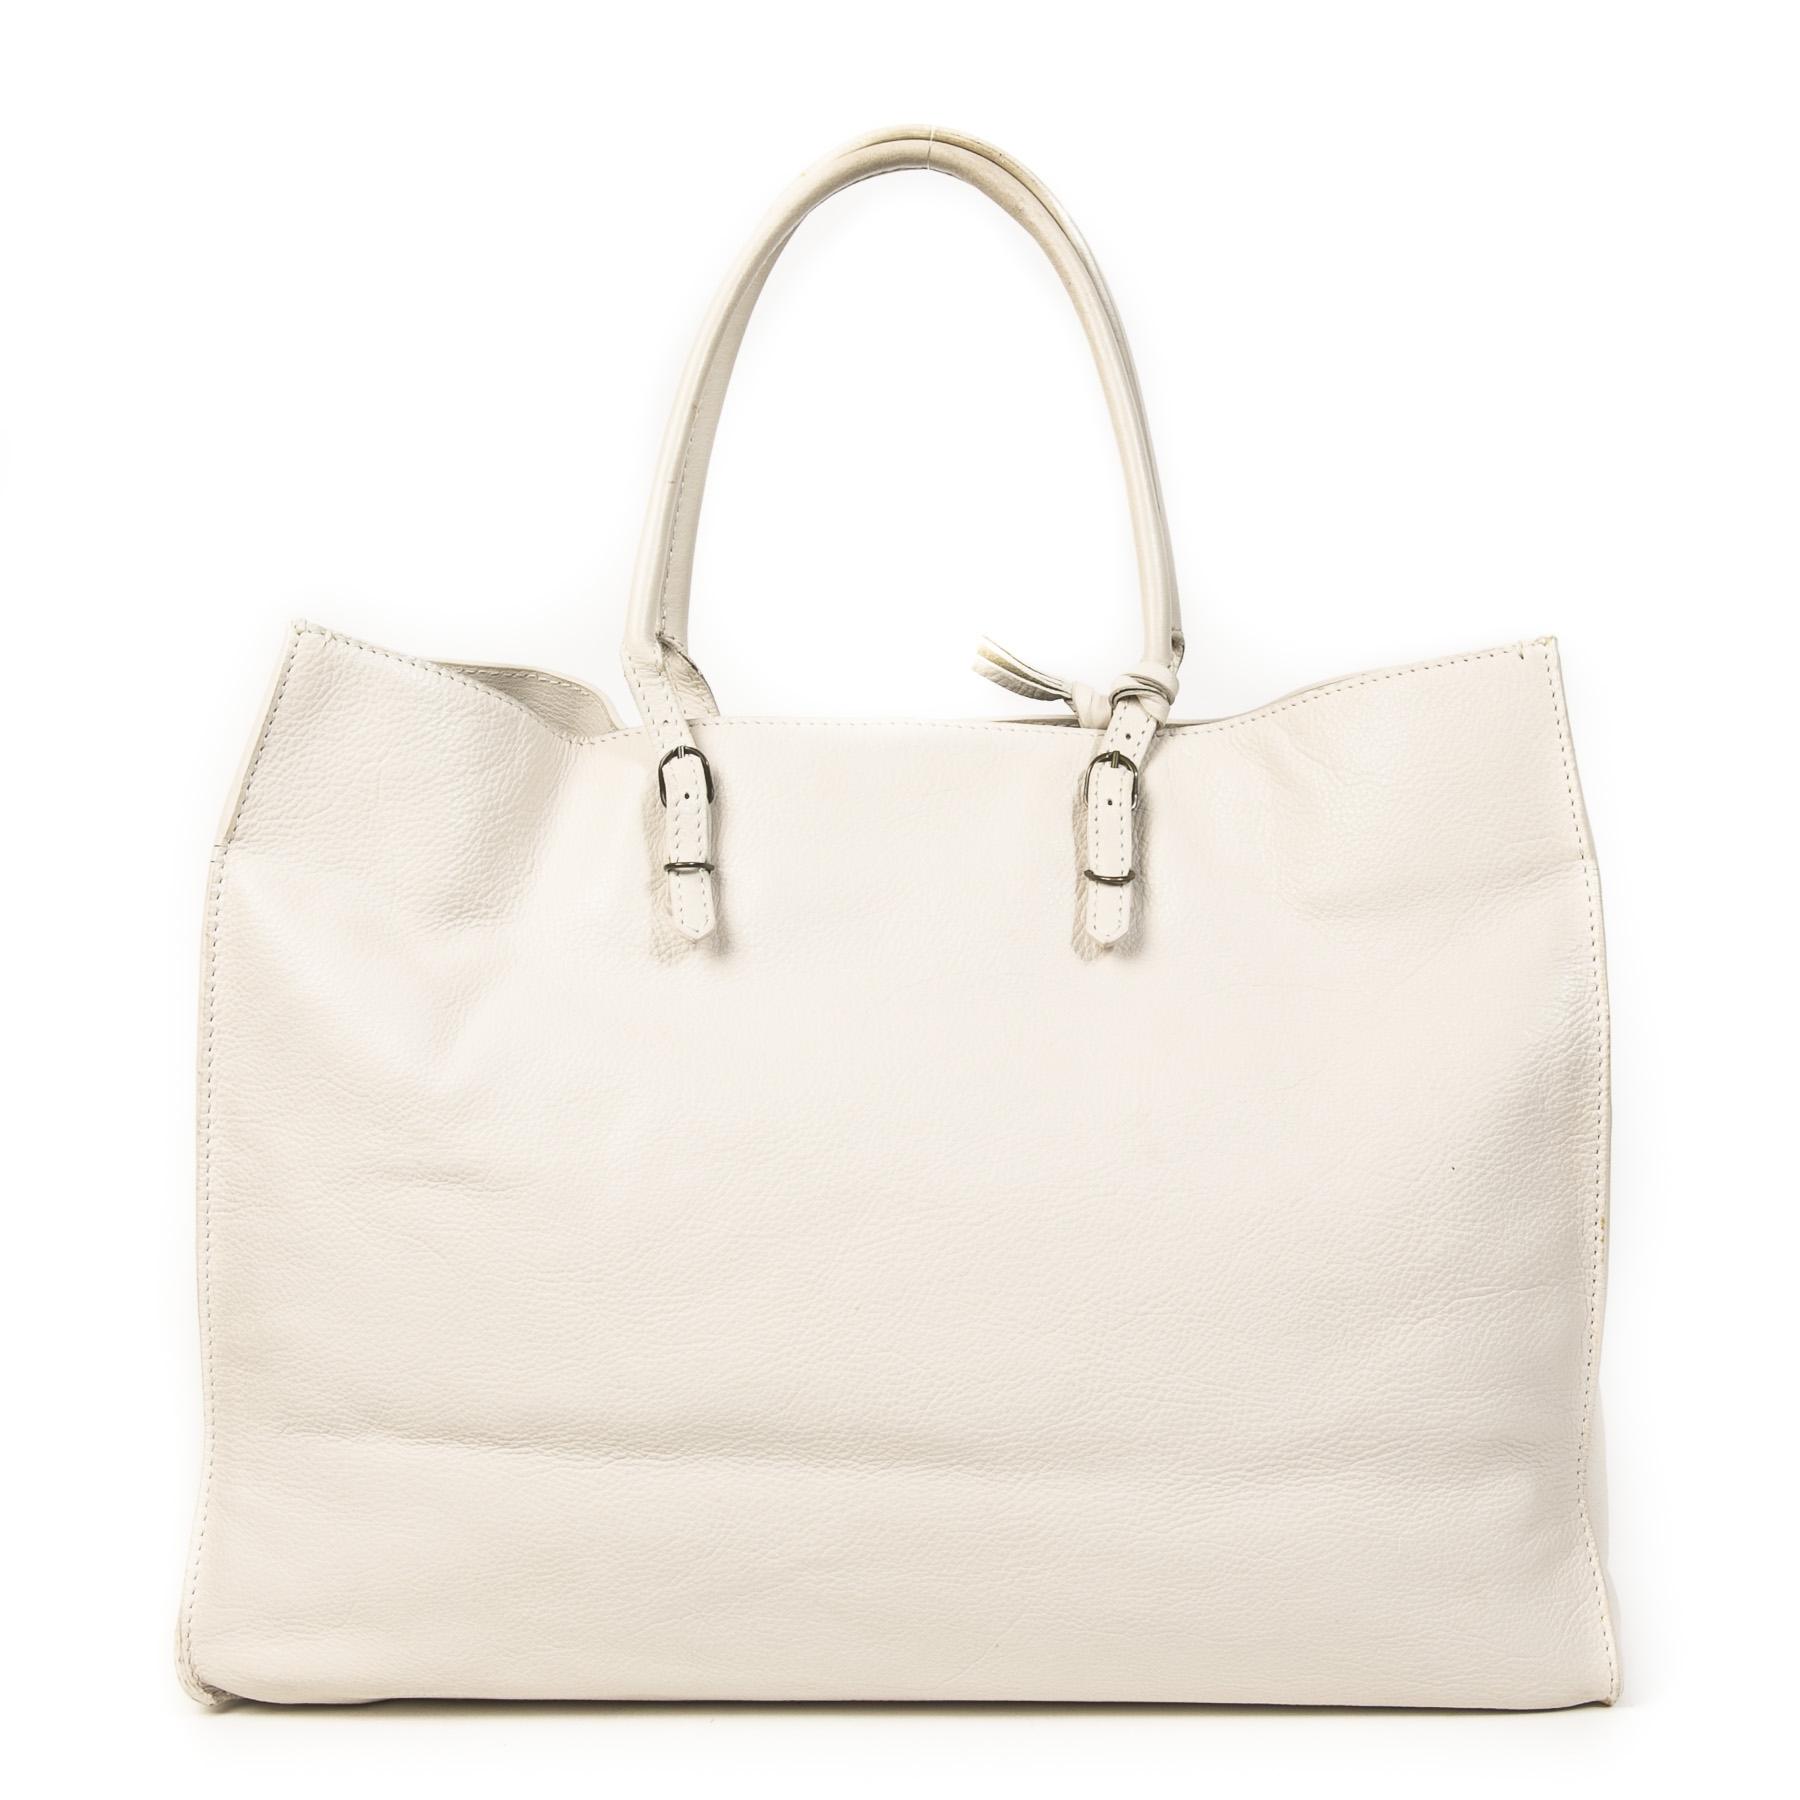 authentieke tweedehands vintage Balenciaga Papier A4 Tote Bag koop online webshop LabelLOV